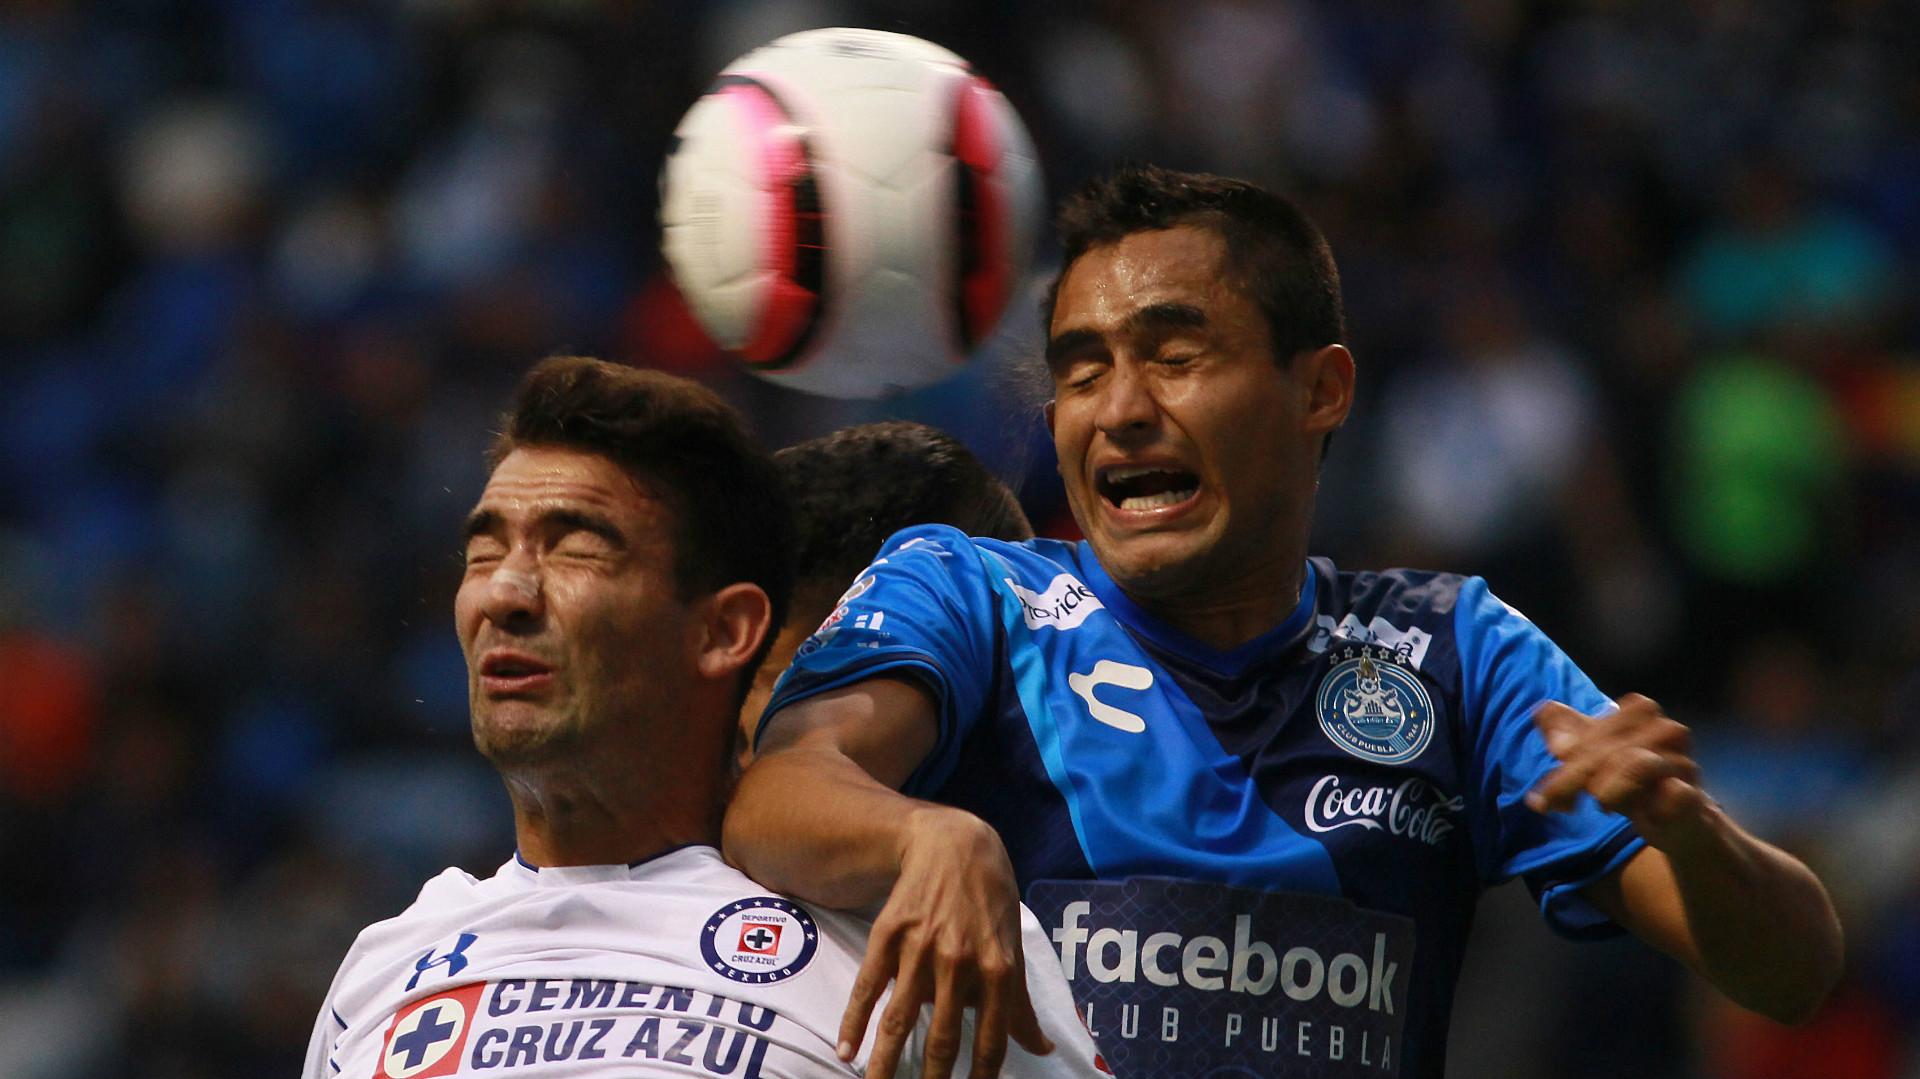 Martin Cauteruccio Cruz Azul Alonso Zamora Puebla